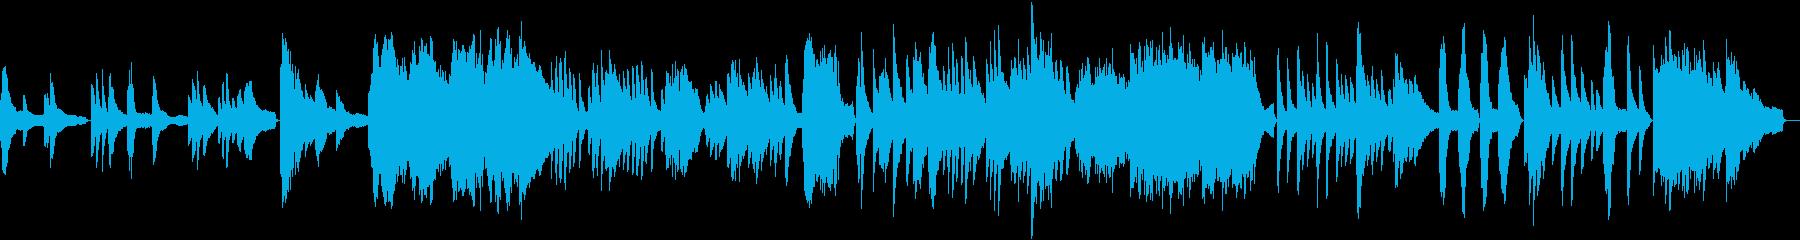 碧い海のきらめきを表現したピアノソロですの再生済みの波形